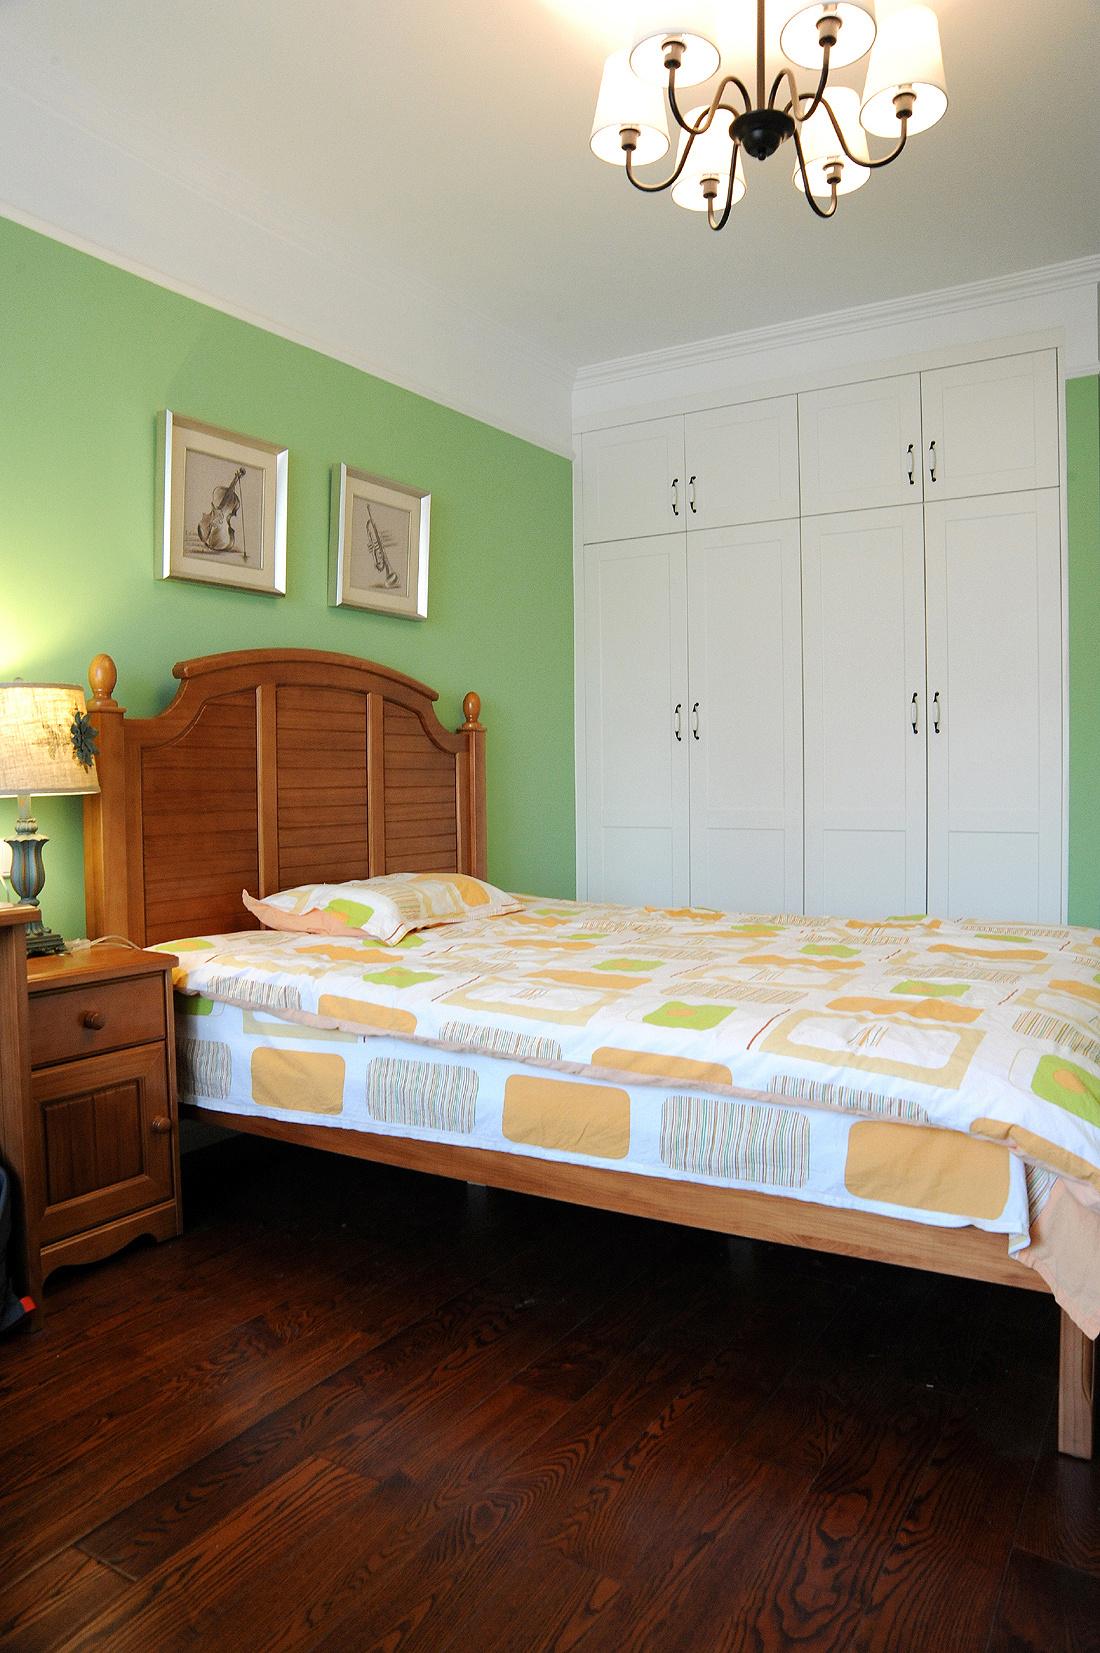 简约 美式 三居 90后 沪上名家 卧室图片来自沪上名家装饰在奶咖色简美风醉美的分享